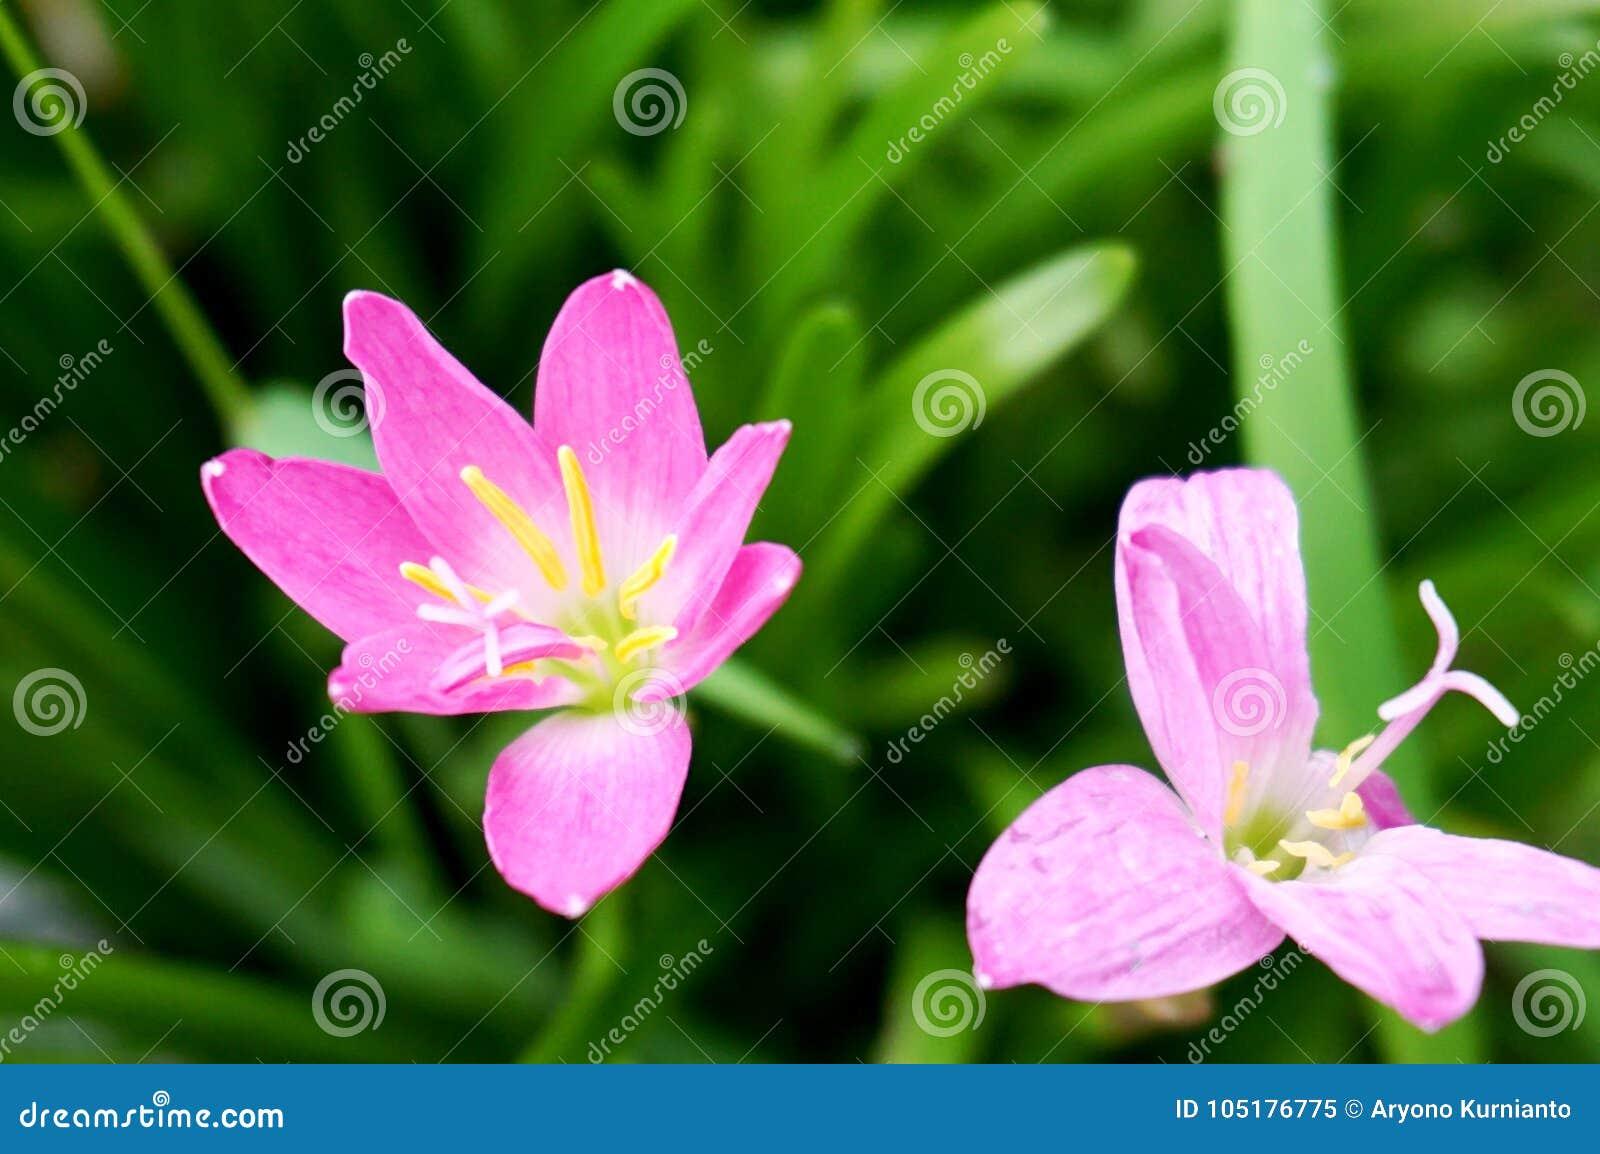 Flor violeta macia com fundo da grama verde